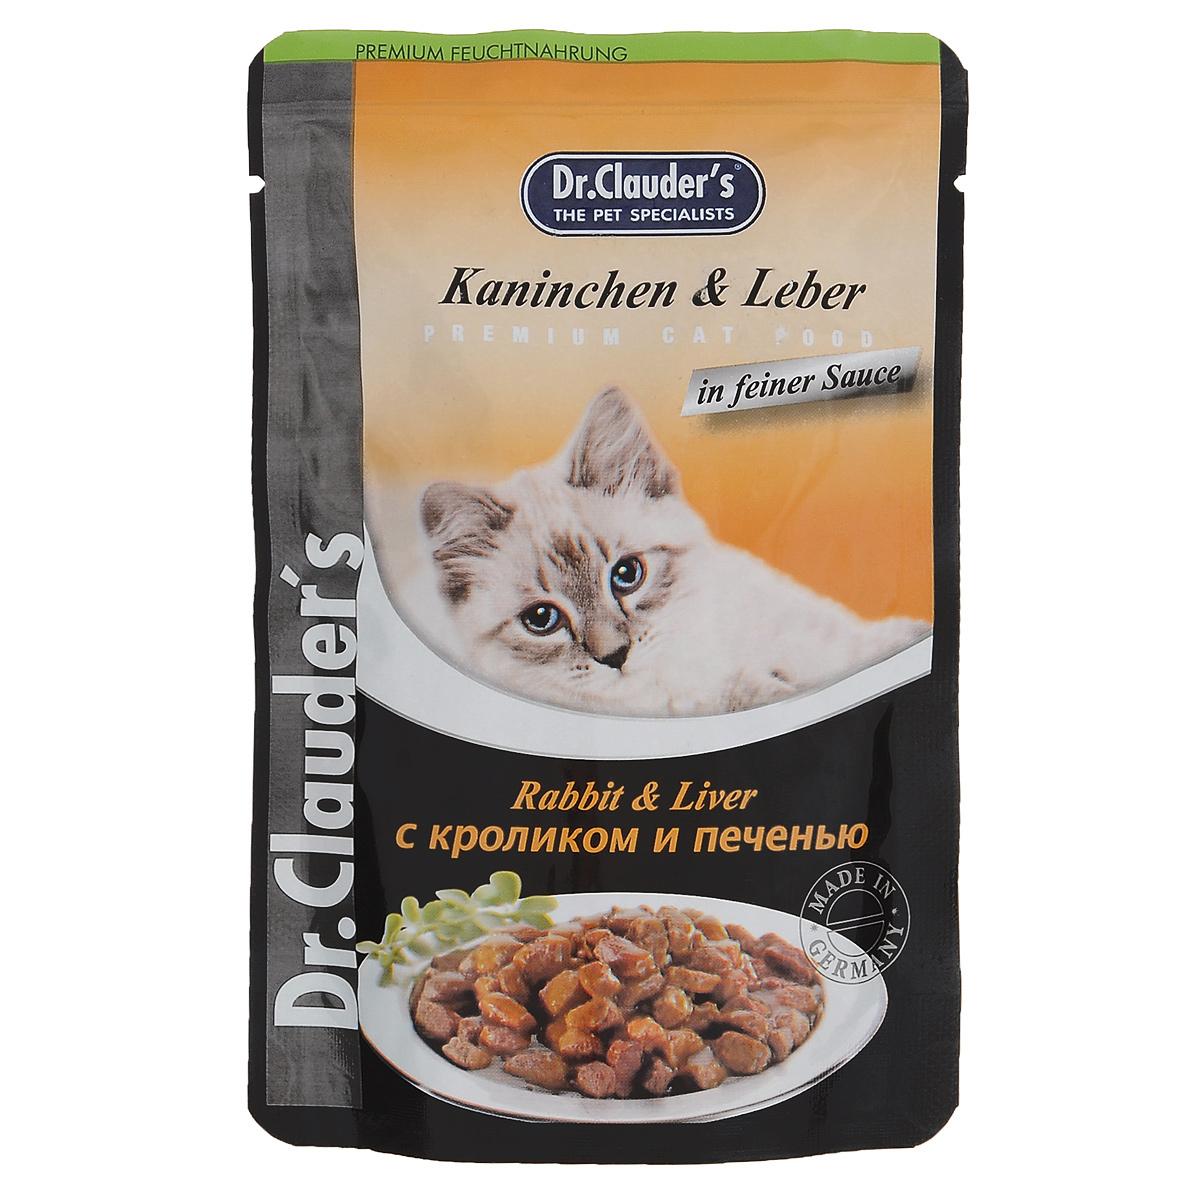 Консервы Dr. Clauders, для взрослых кошек, мясные кусочки в соусе с кроликом и печенью, 100 г14151Консервы Dr. Clauders - полноценное сбалансированное питание для взрослых кошек. Корм обладает высокой вкусовой привлекательностью и способен удовлетворить потребности любой кошки. Состав: мясо и мясные продукты (минимум 5% кролика, 5% печени), злаки, минералы, сахар. Добавки (в 1 кг): витамин D3 - 250 МЕ, витамин Е (альфа-токоферол) - 15 мг, медь - 1,0 мг, без искусственных красителей и консервантов. Содержание питательных веществ: протеин - 7,5%, жиры - 4,5%, зола - 2,5%, клетчатка пищевая - 0,3%, влажность - 82%. Товар сертифицирован. УВАЖАЕМЫЕ КЛИЕНТЫ! Обращаем ваше внимание на ассортимент в дизайне упаковки товара. Поставка осуществляется в зависимости от наличия на складе.